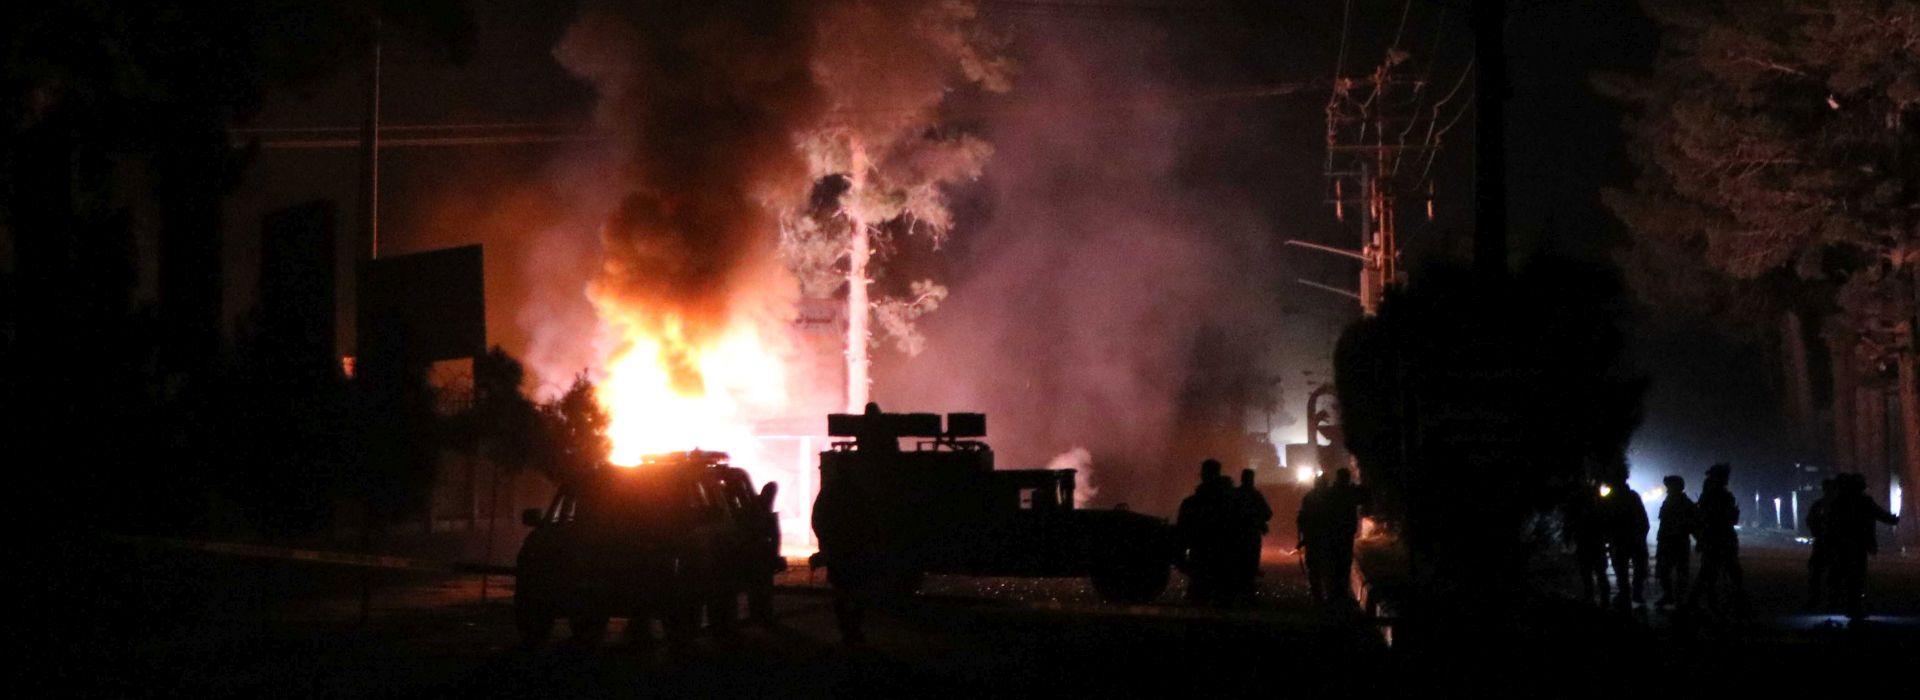 NAPAD AUTOBOMBOM Afganistanski talibani ubili najmanje 12 ljudi